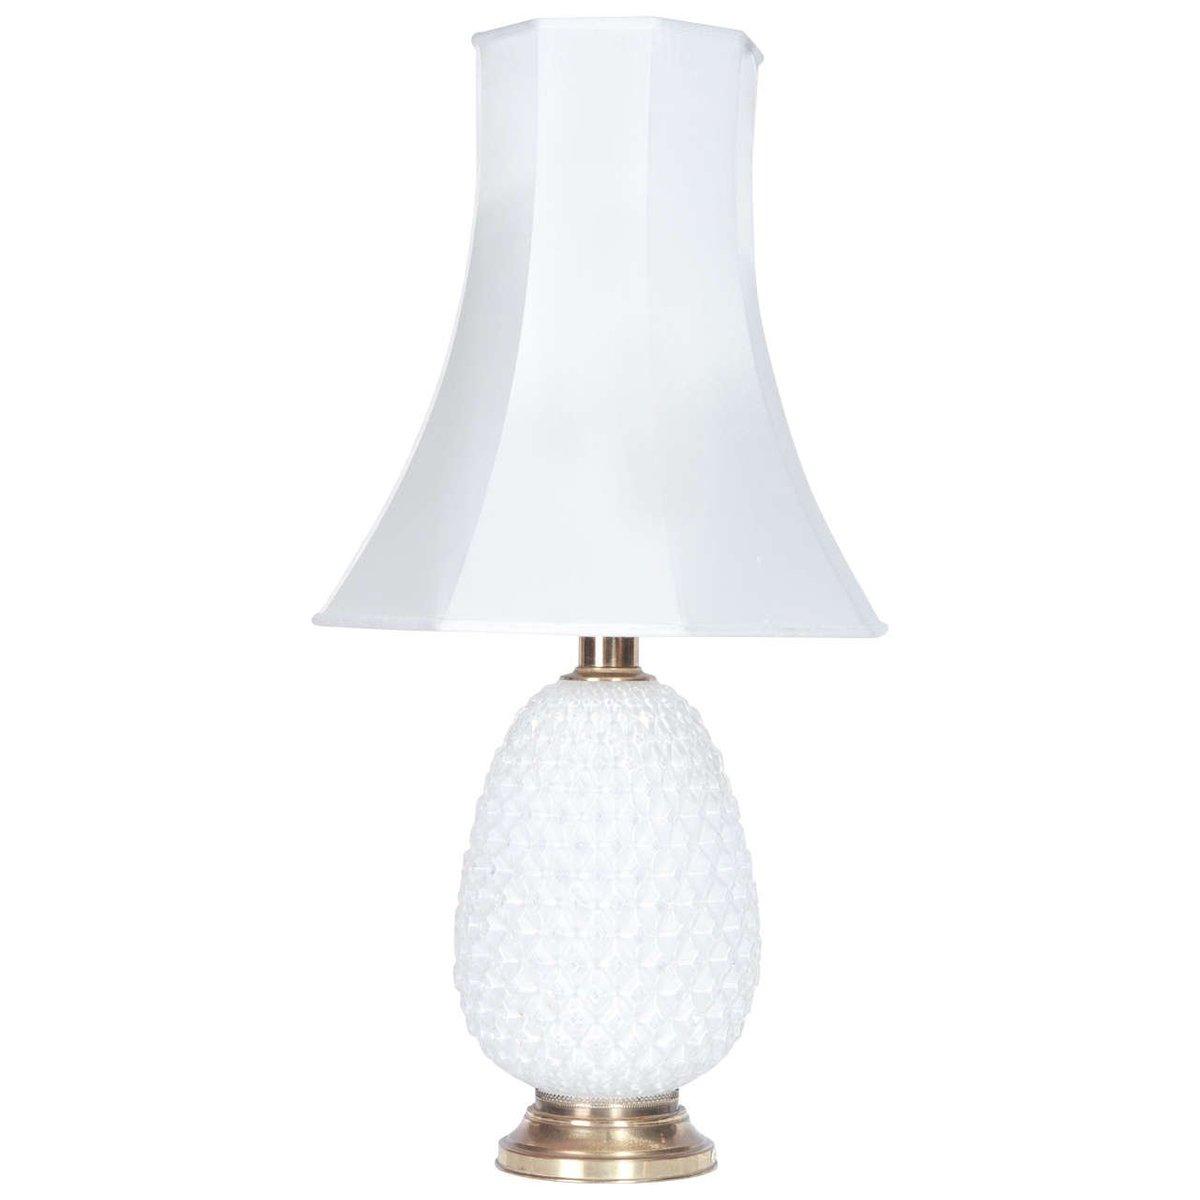 Lampe aus Opalglas & Messing, 1950er